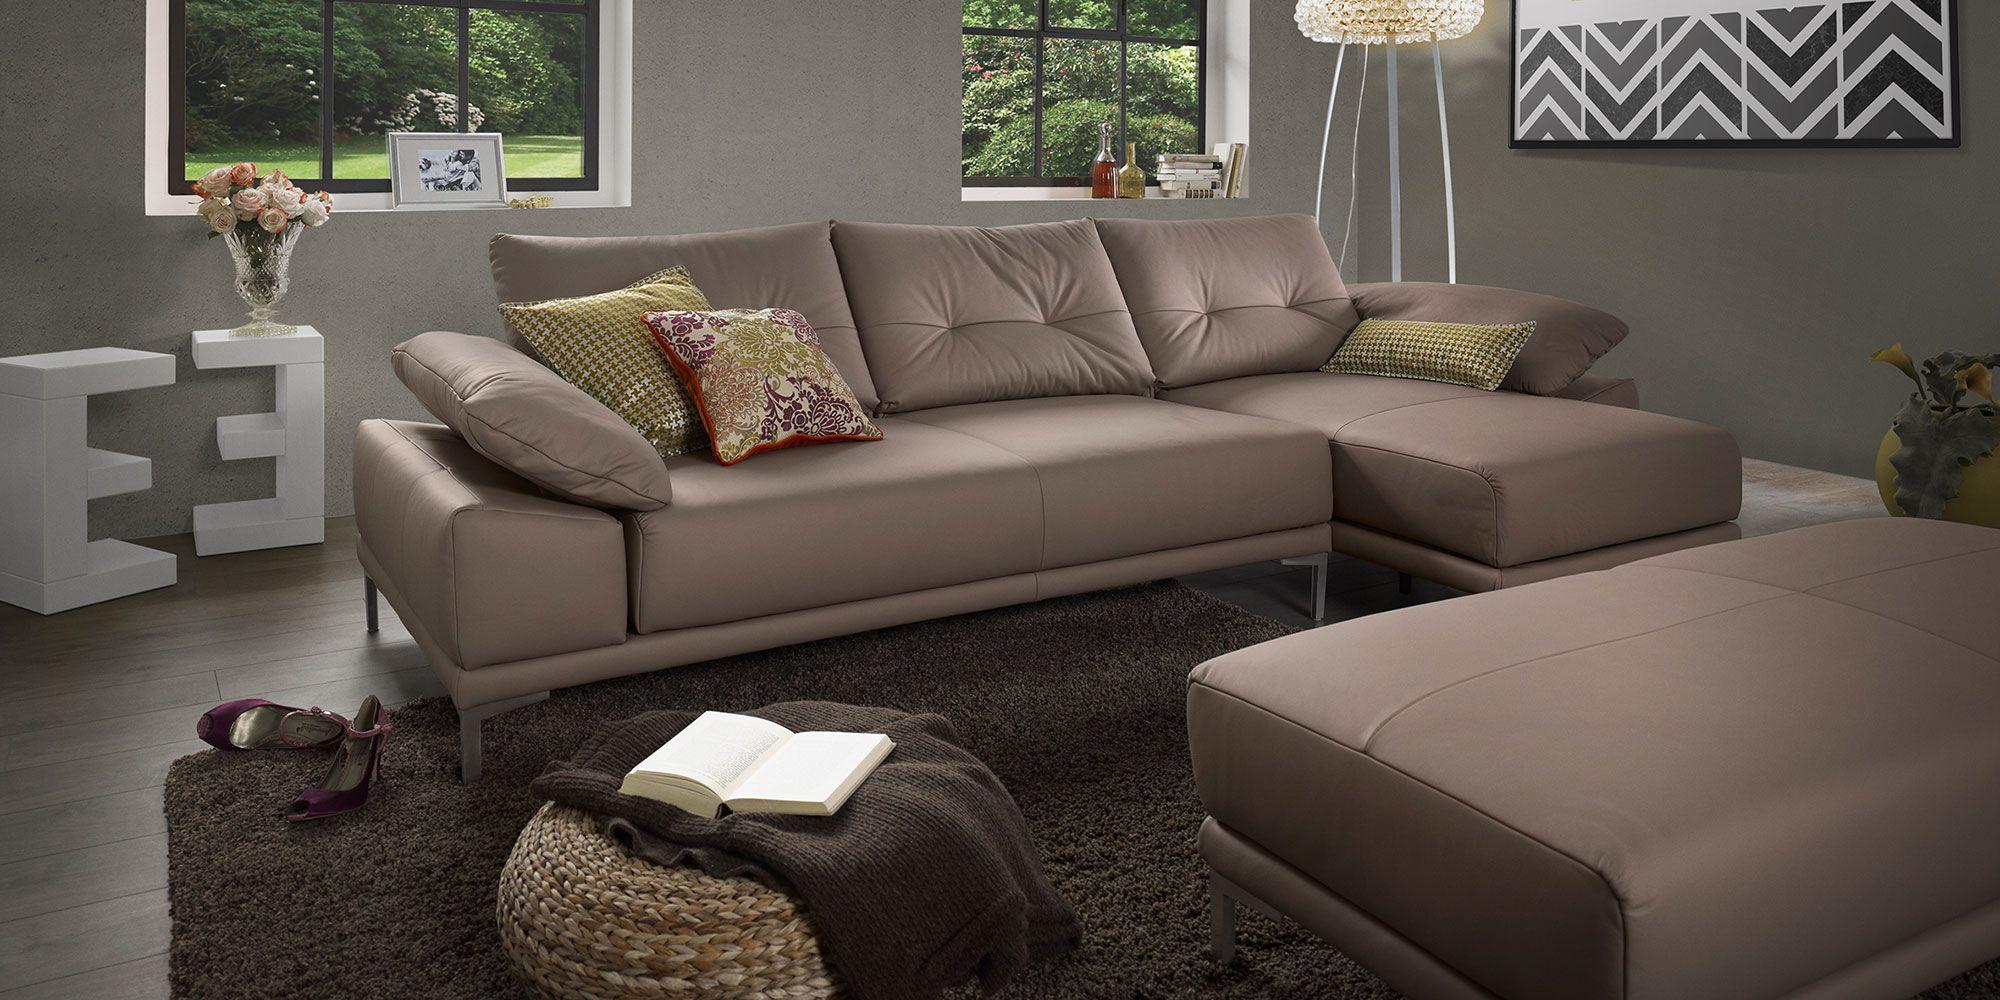 Hersteller Sofa manhattan ewald schillig brand hersteller polstermöbel